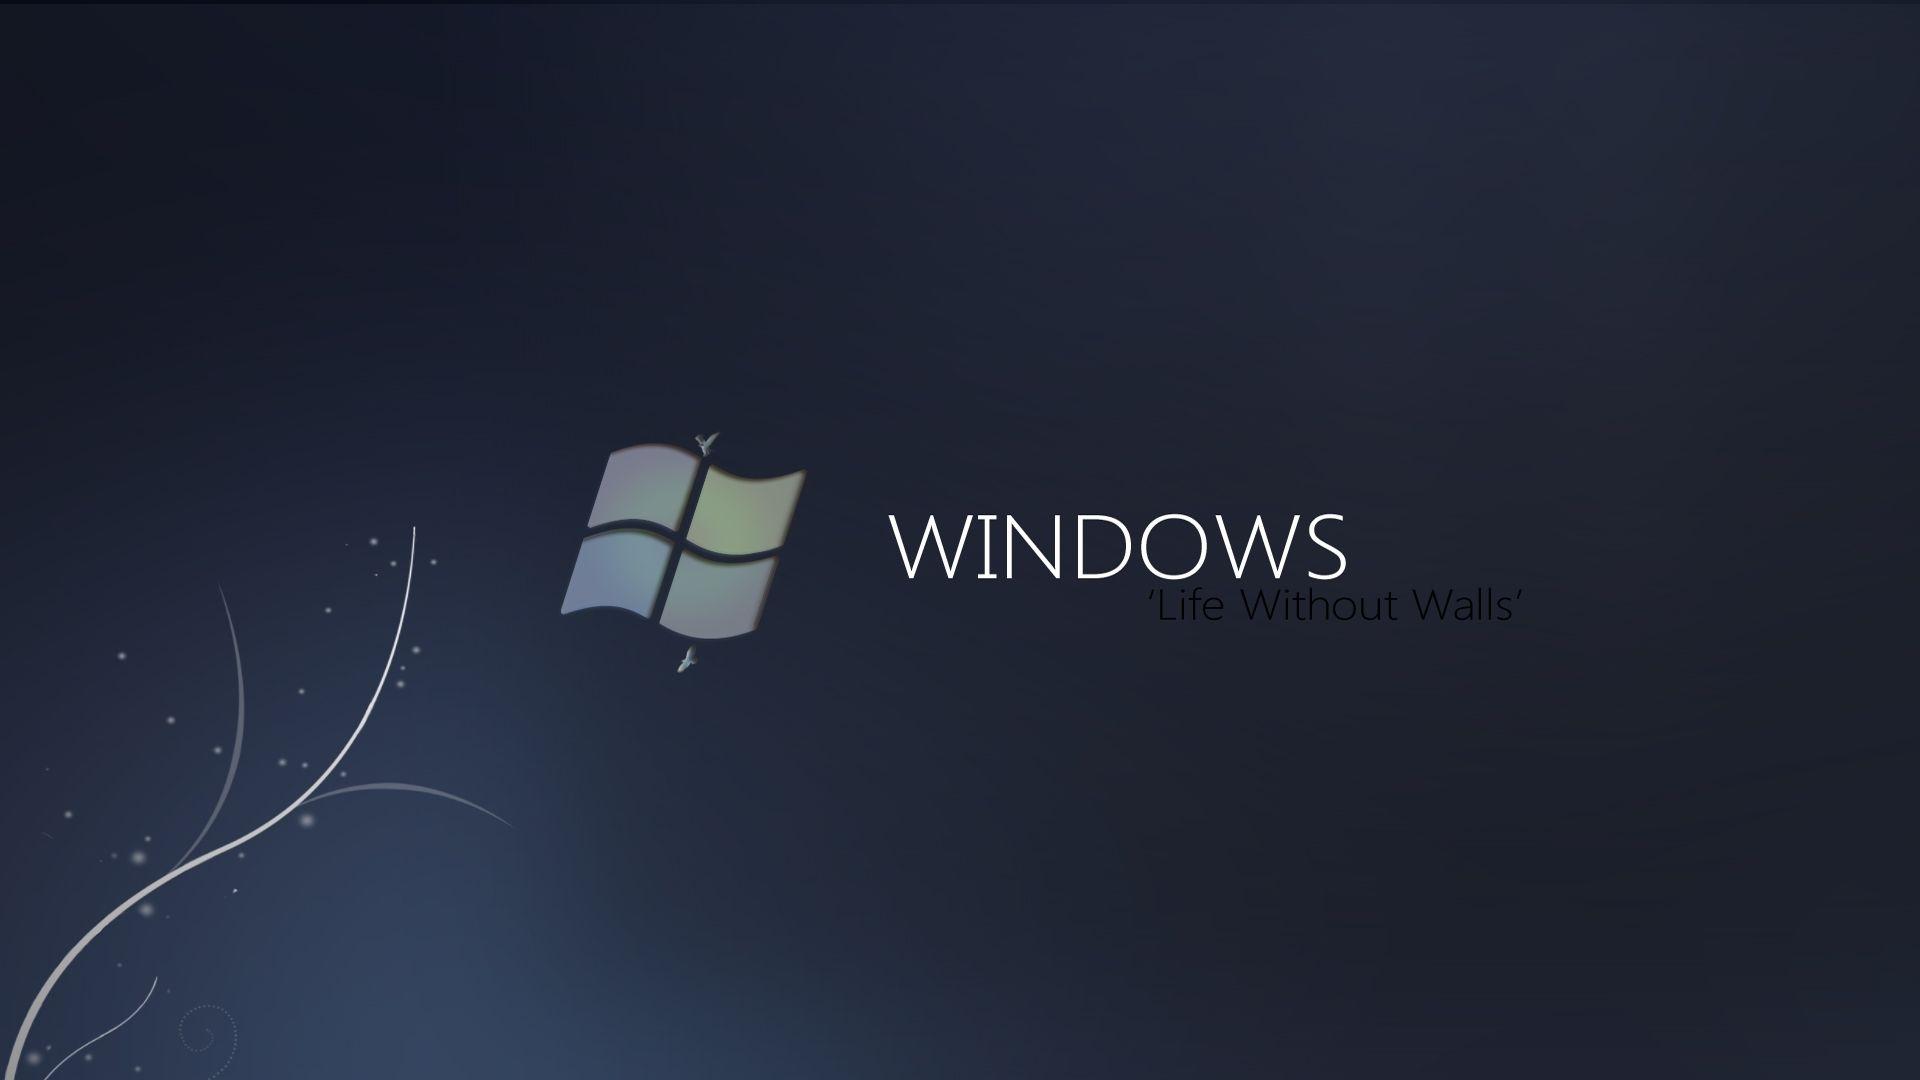 windows server wallpaper | hd wallpapers | pinterest | wallpaper